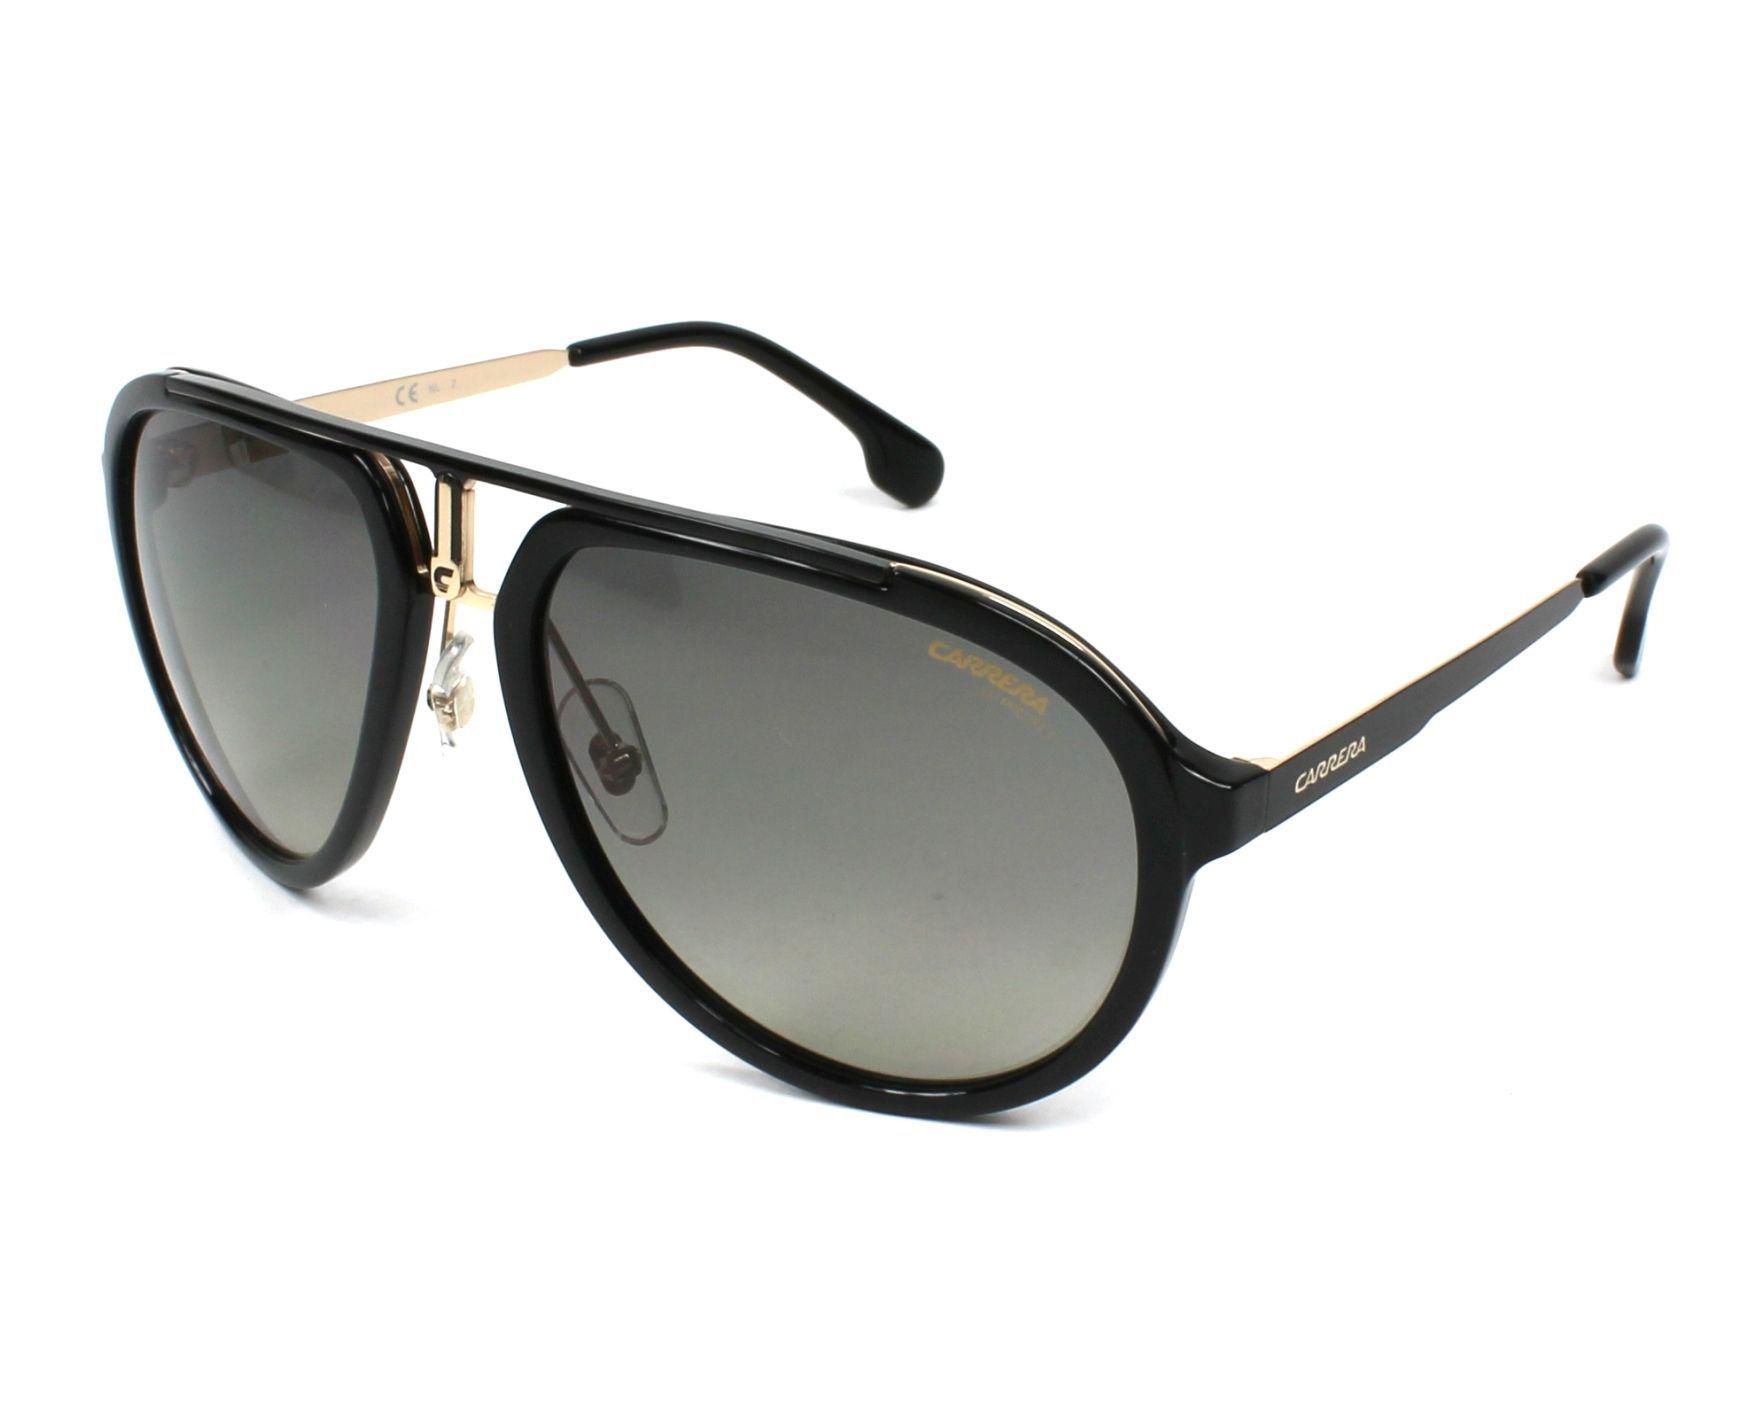 0b259ba642a010 Óculos de Sol Carrera Unissex 1003 S 807PR - Omega Ótica e Relojoaria